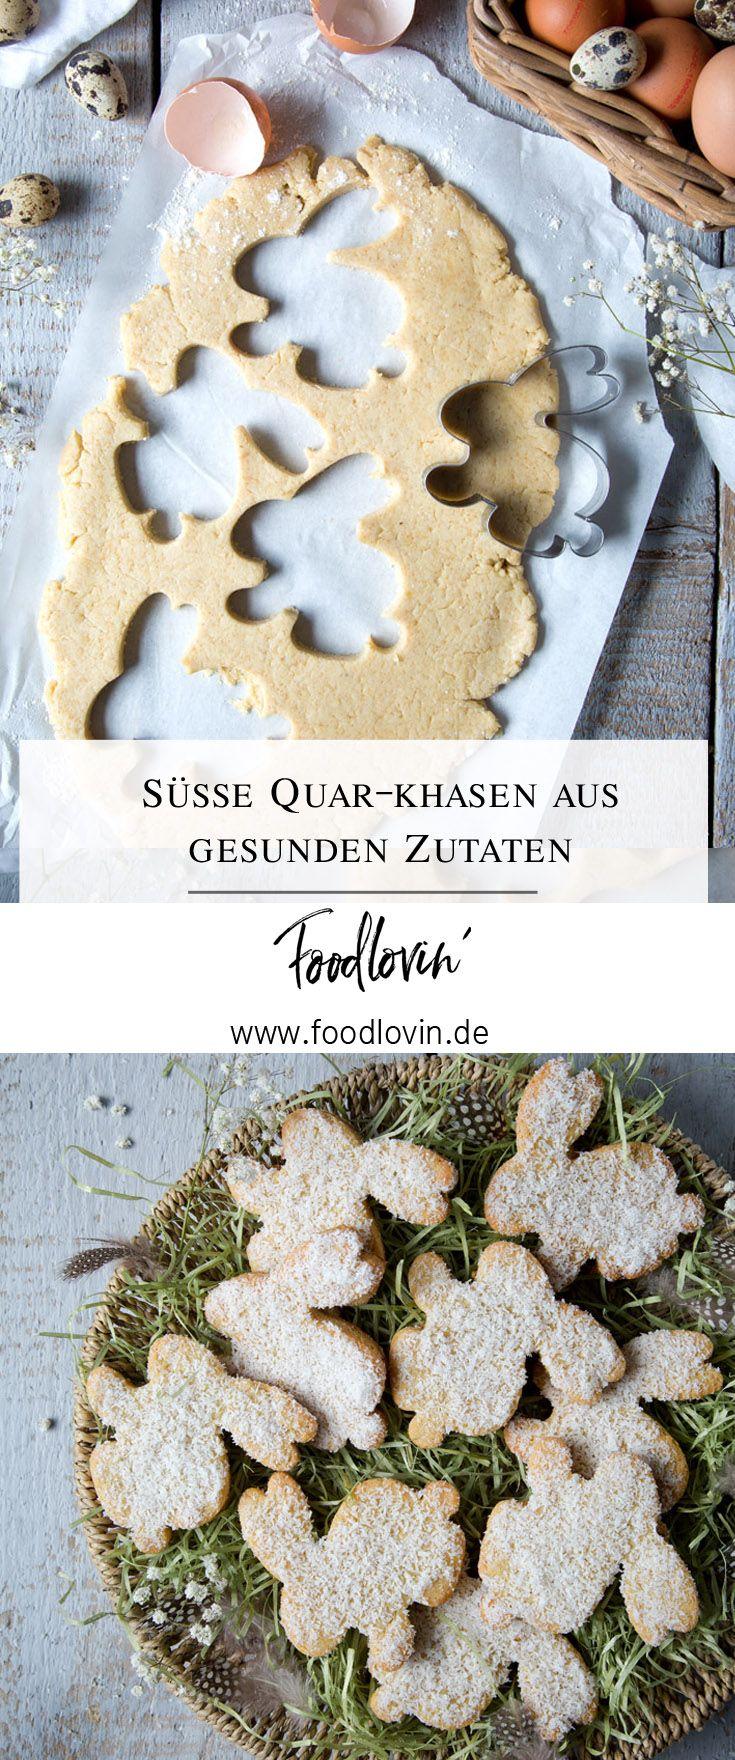 Süße Quarkhasen Zu Ostern Rezept Für Gesunden Quark öl Teig